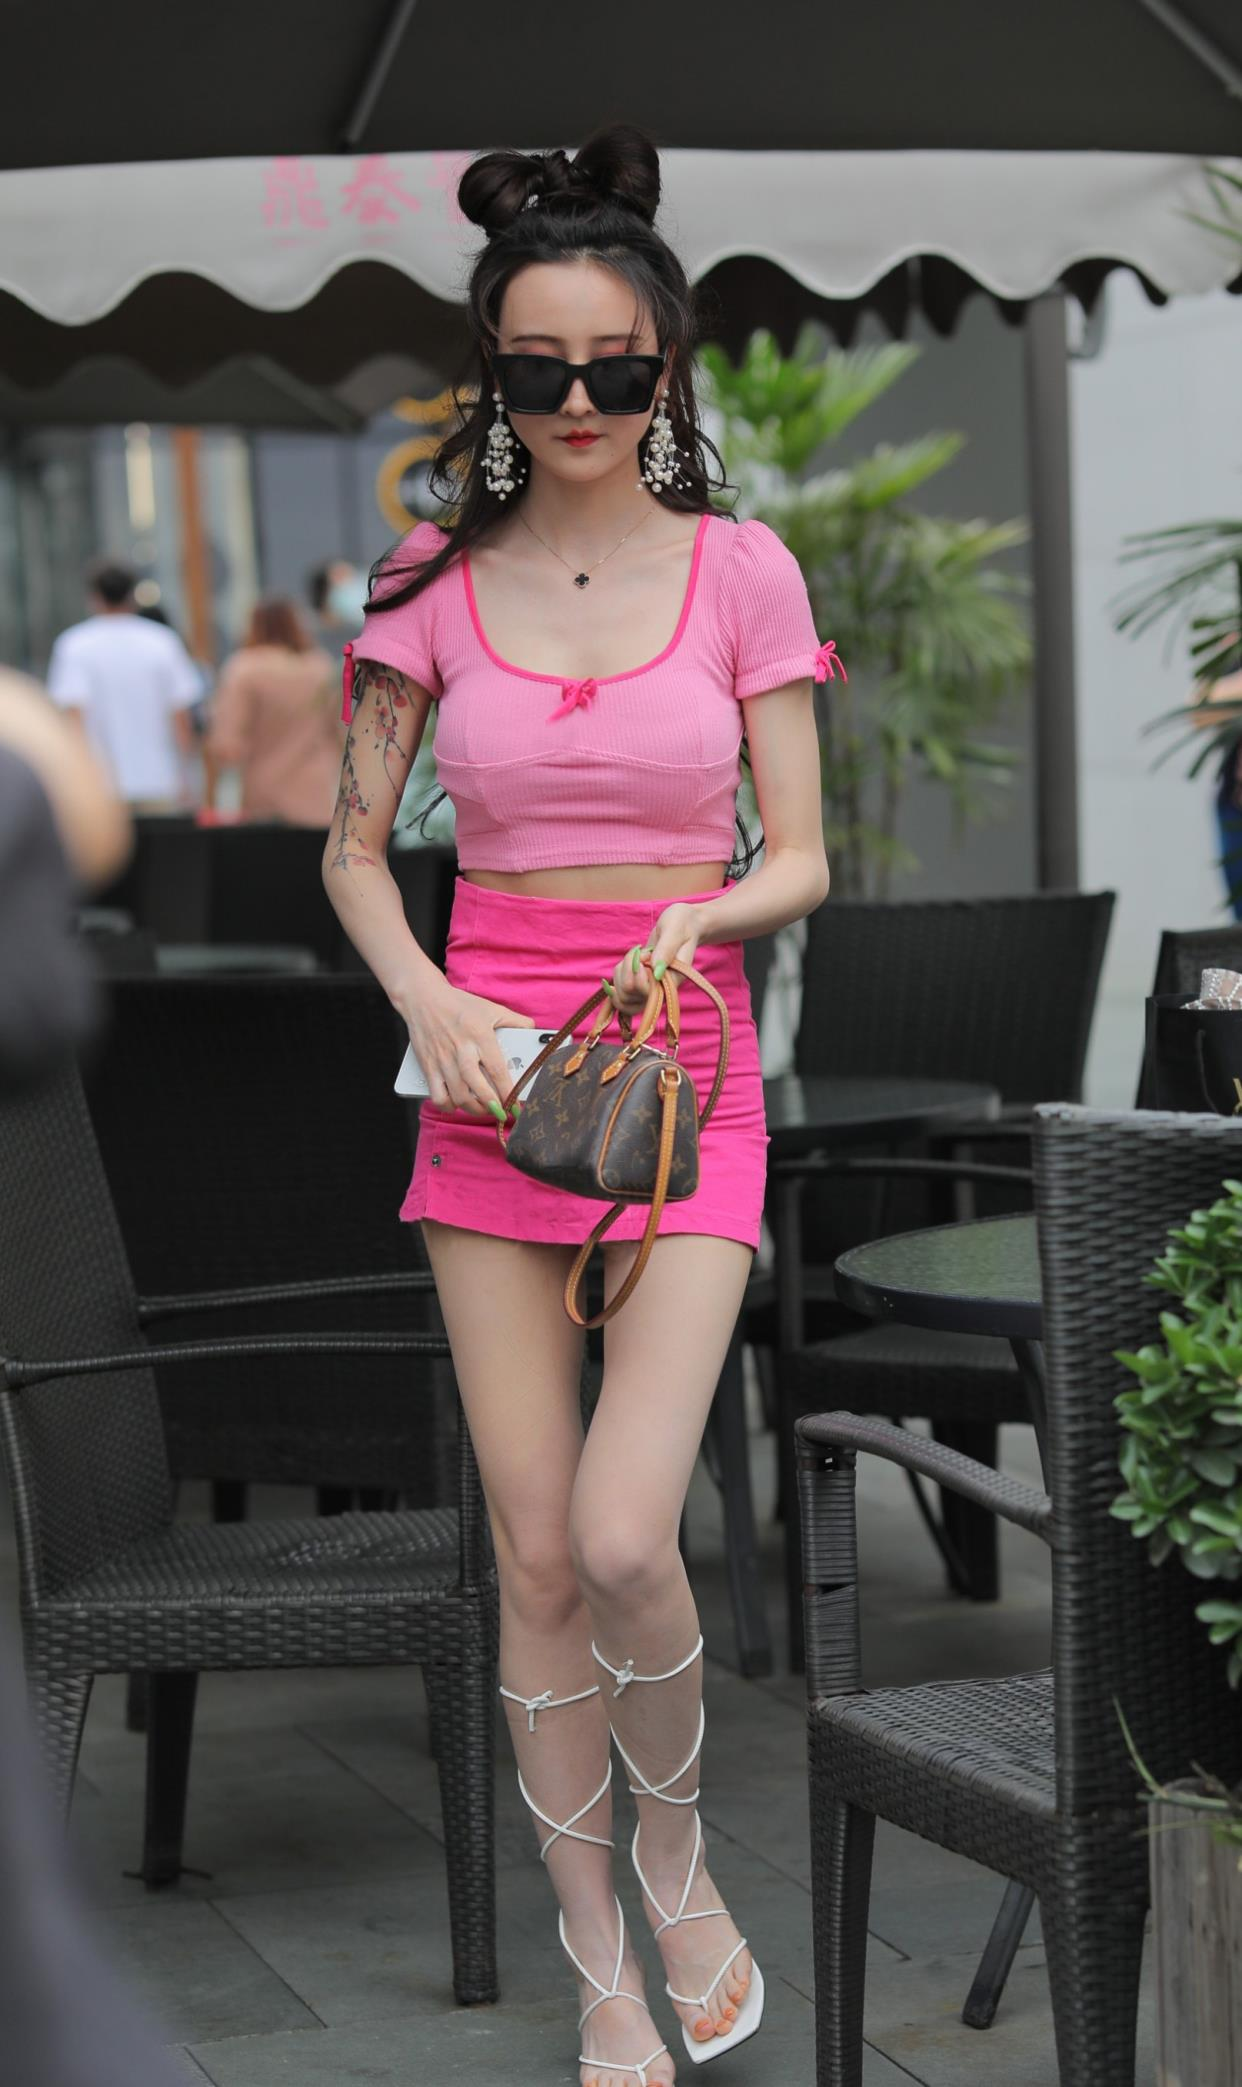 连衣裙穿腻了,试试高腰半身裙+短款T恤,既显身材又显气质大方